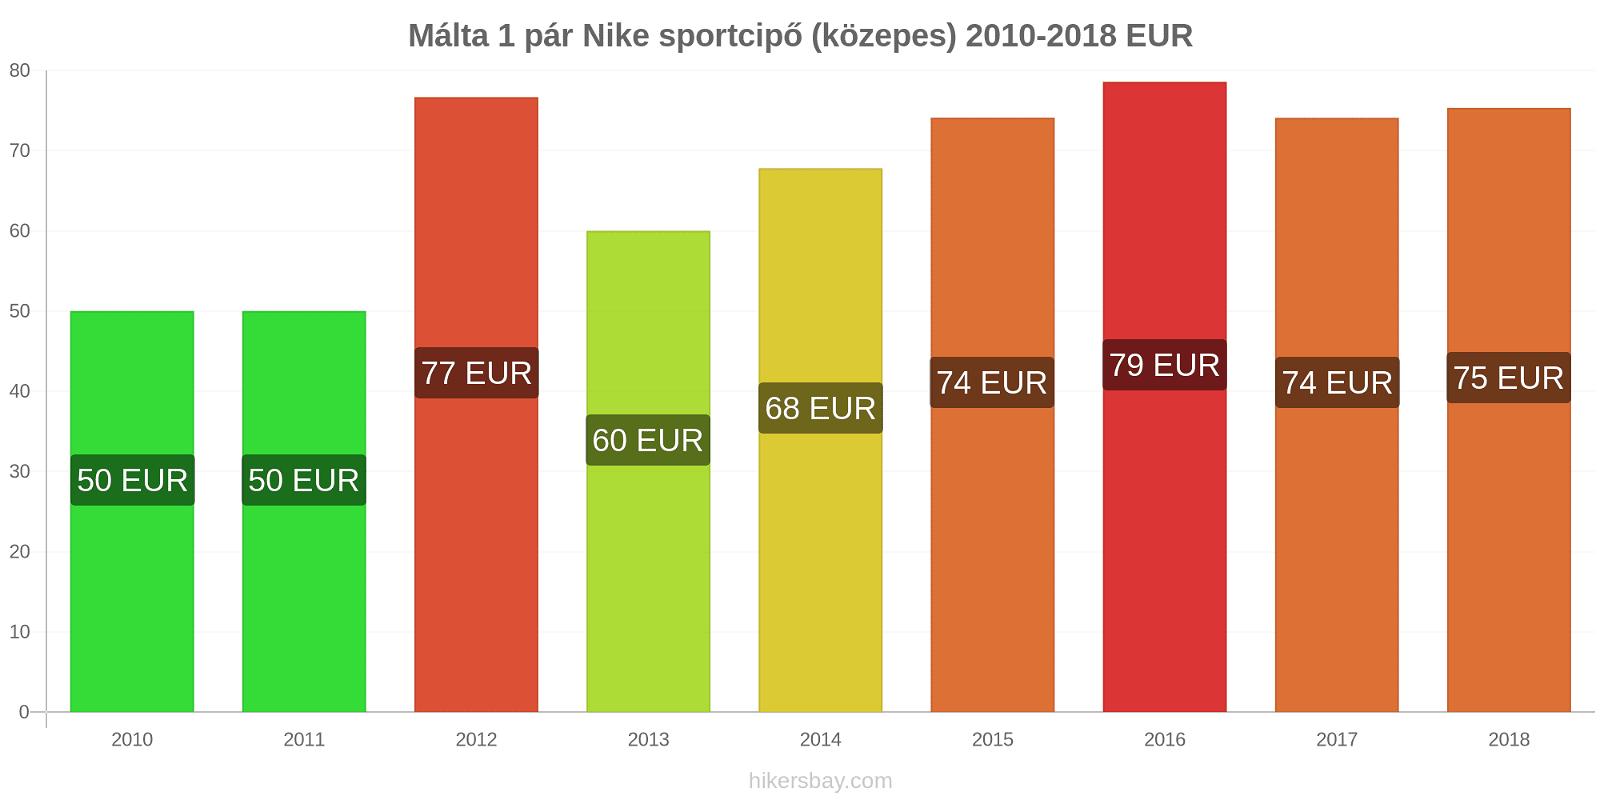 Málta árváltozások 1 pár Nike sportcipő (közepes) hikersbay.com